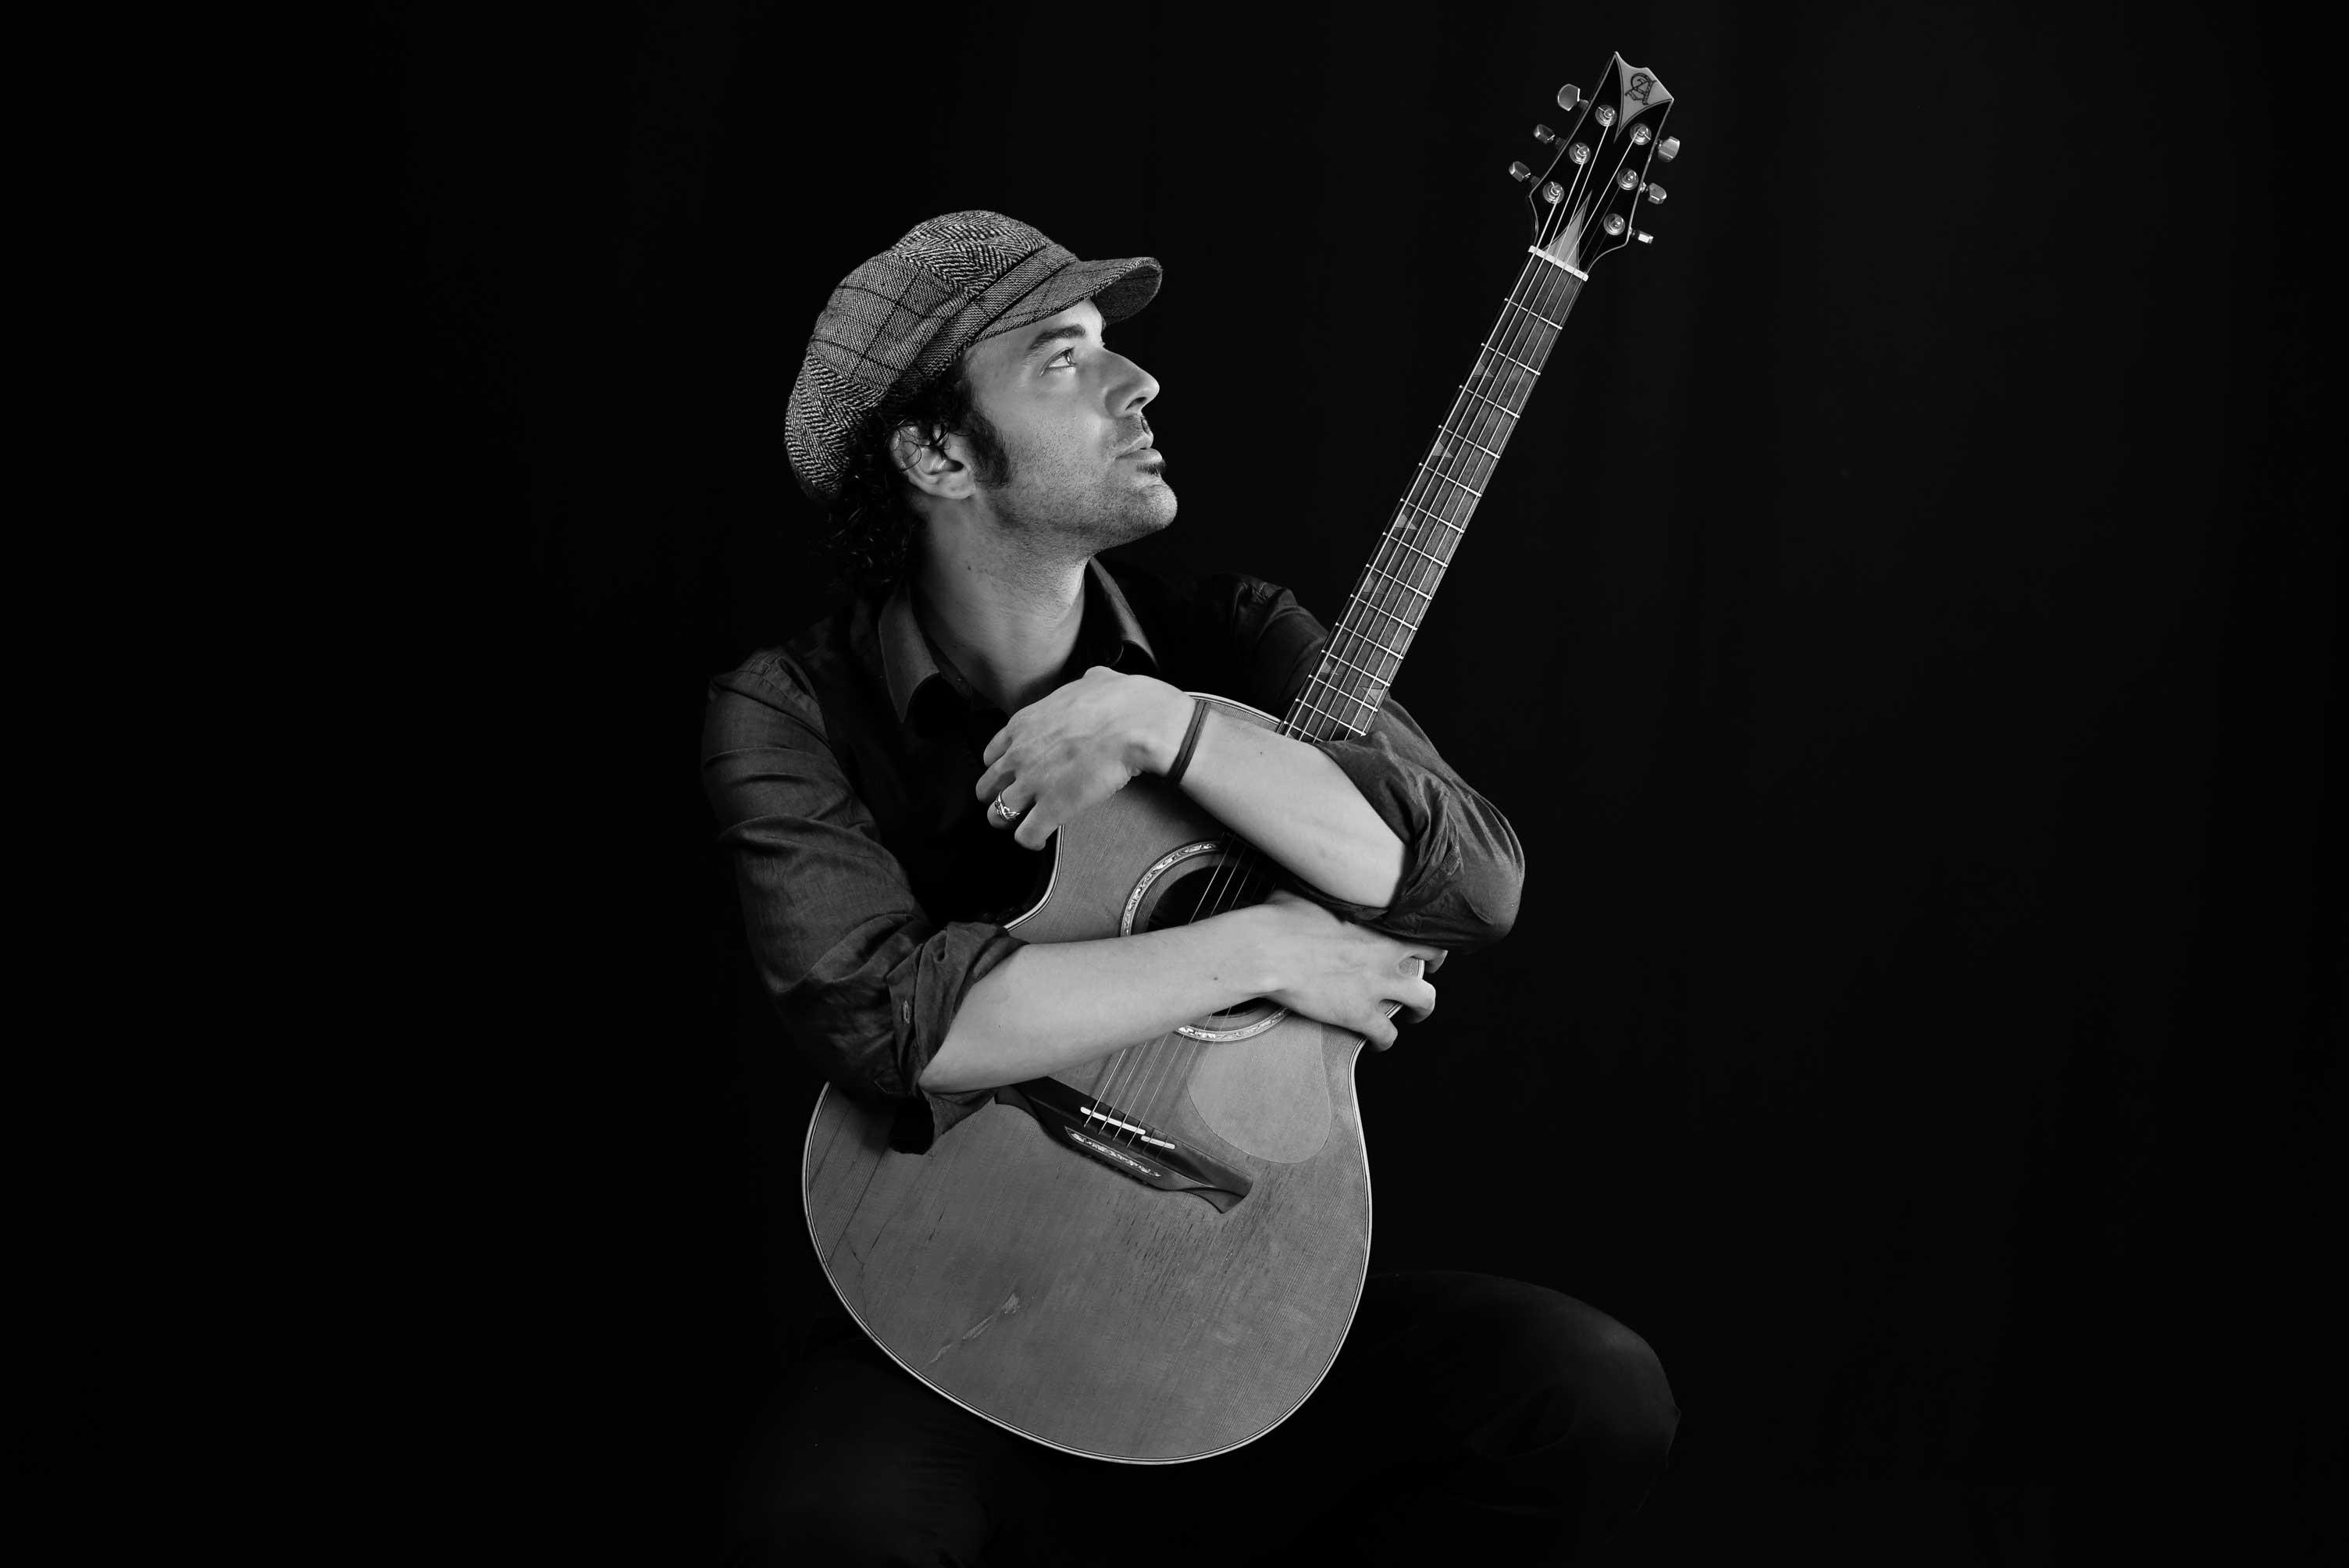 Sam Lorenzini con la sua chitarra acustica - una passione per la Soul Music